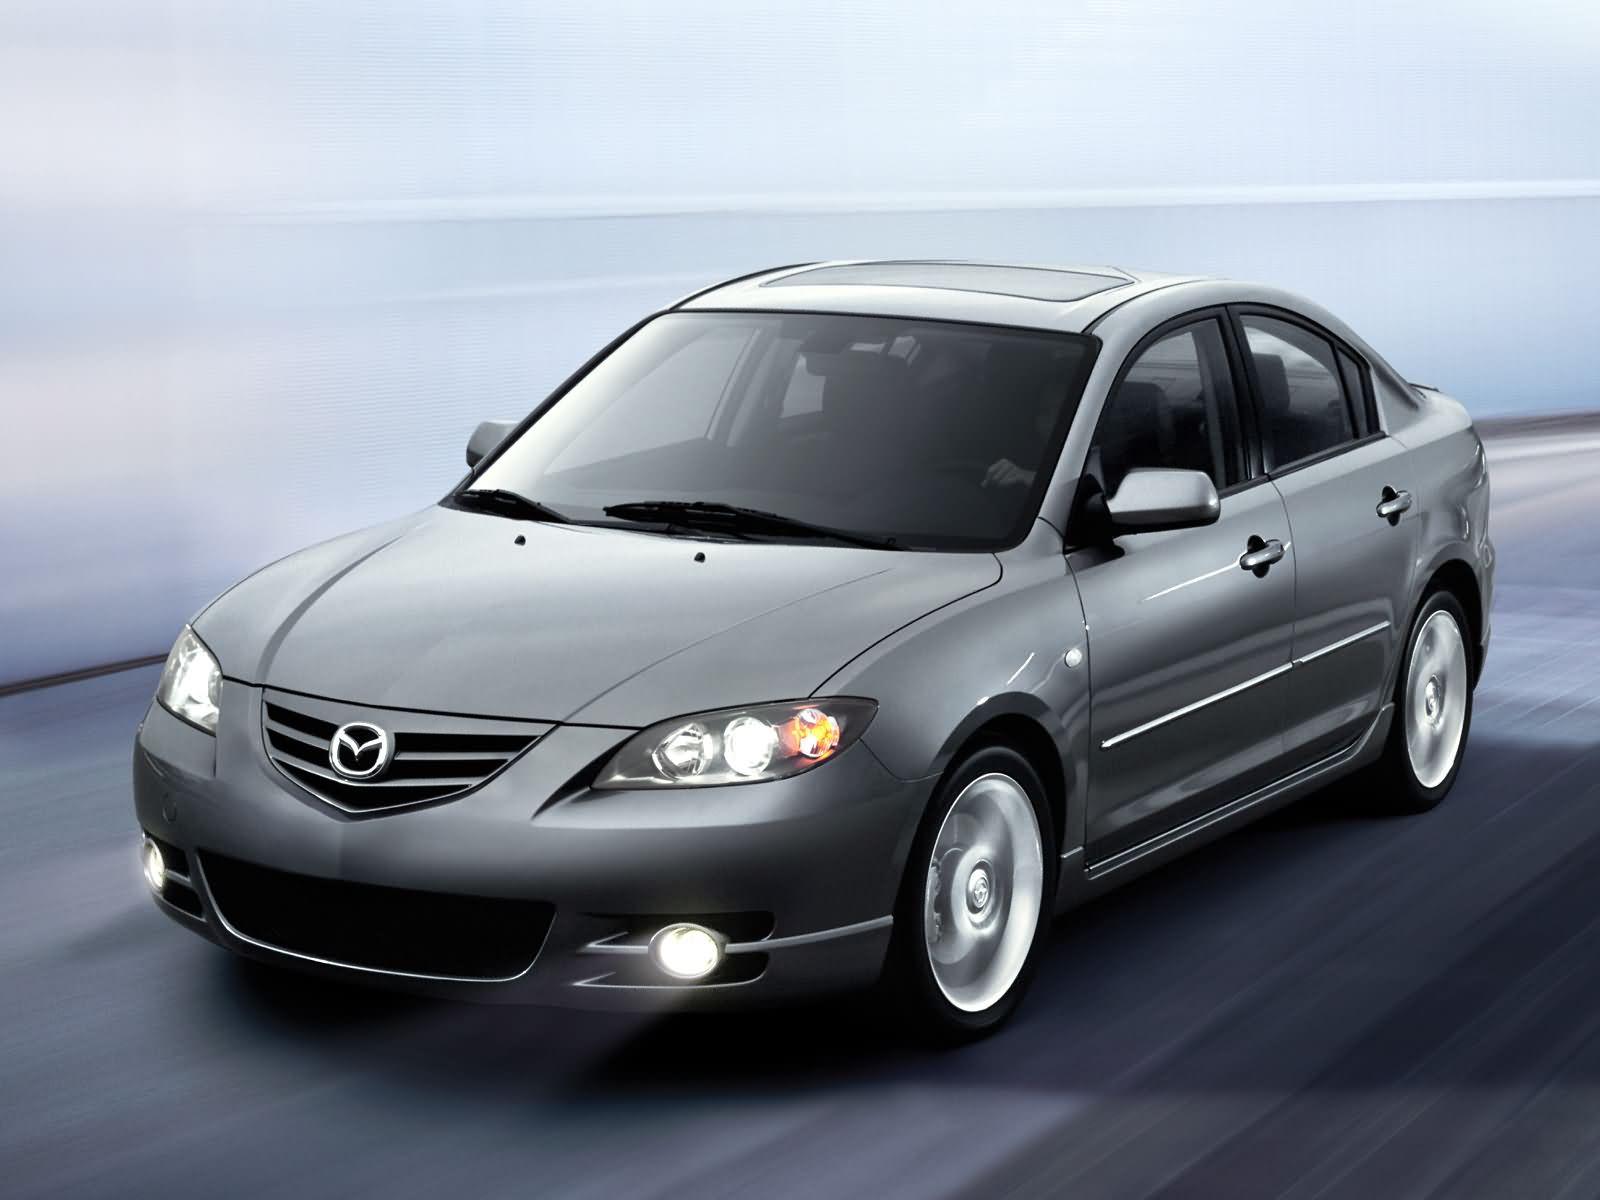 World Car Wallpapers: Mazda 3